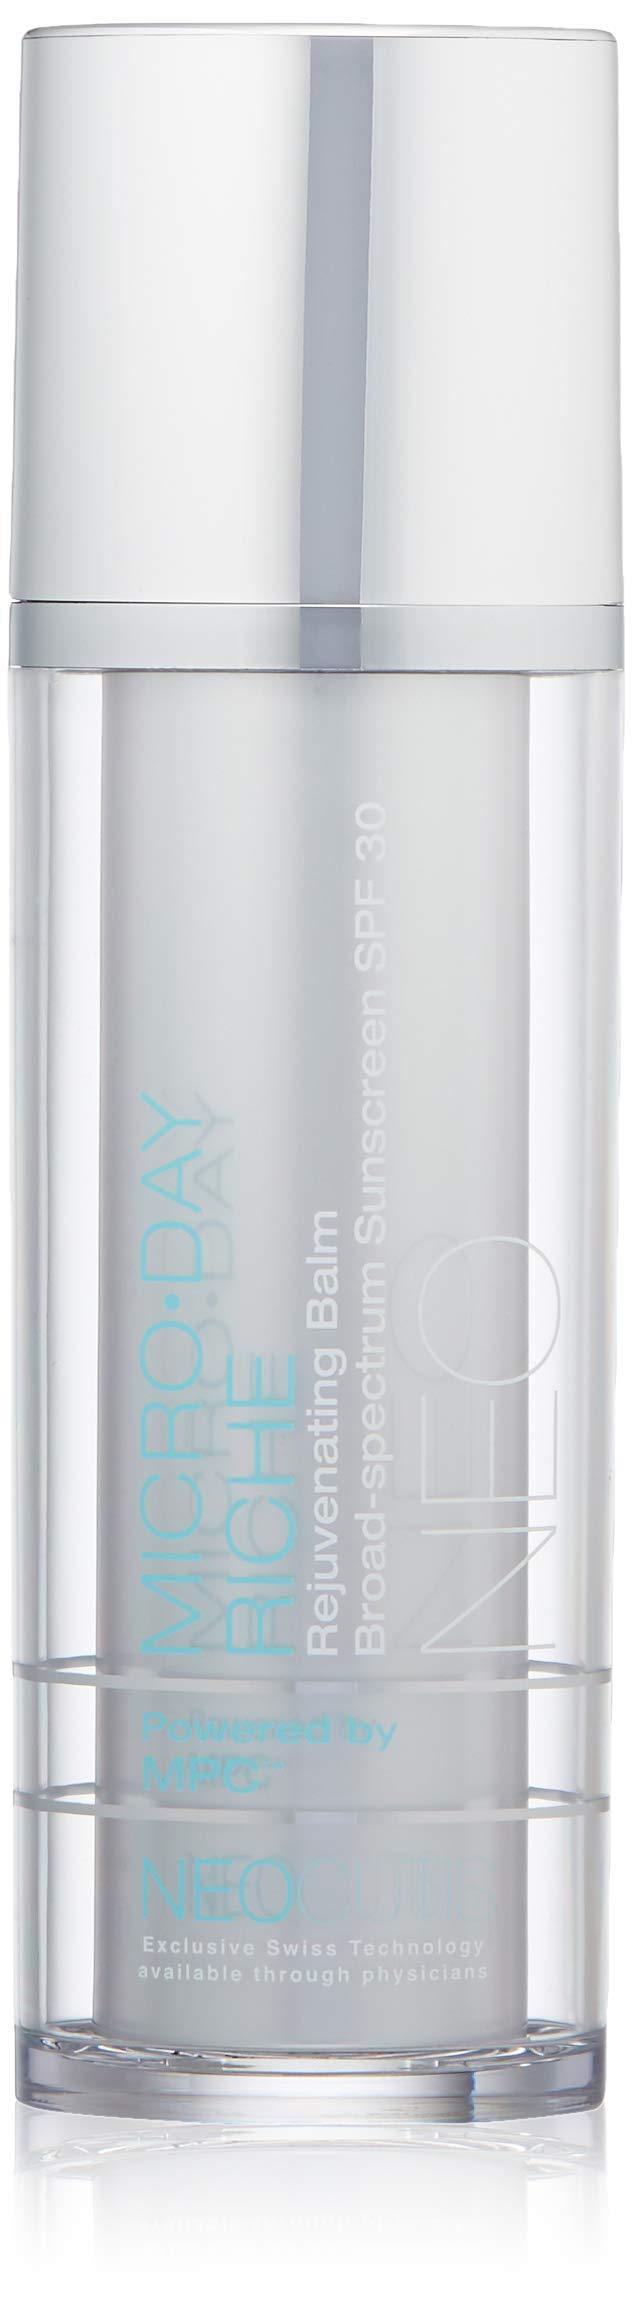 NeoCutis Micro Day Riche Rejuvenating Balm Broad-Spectrum SPF 30 Sunscreen, 50 oz.